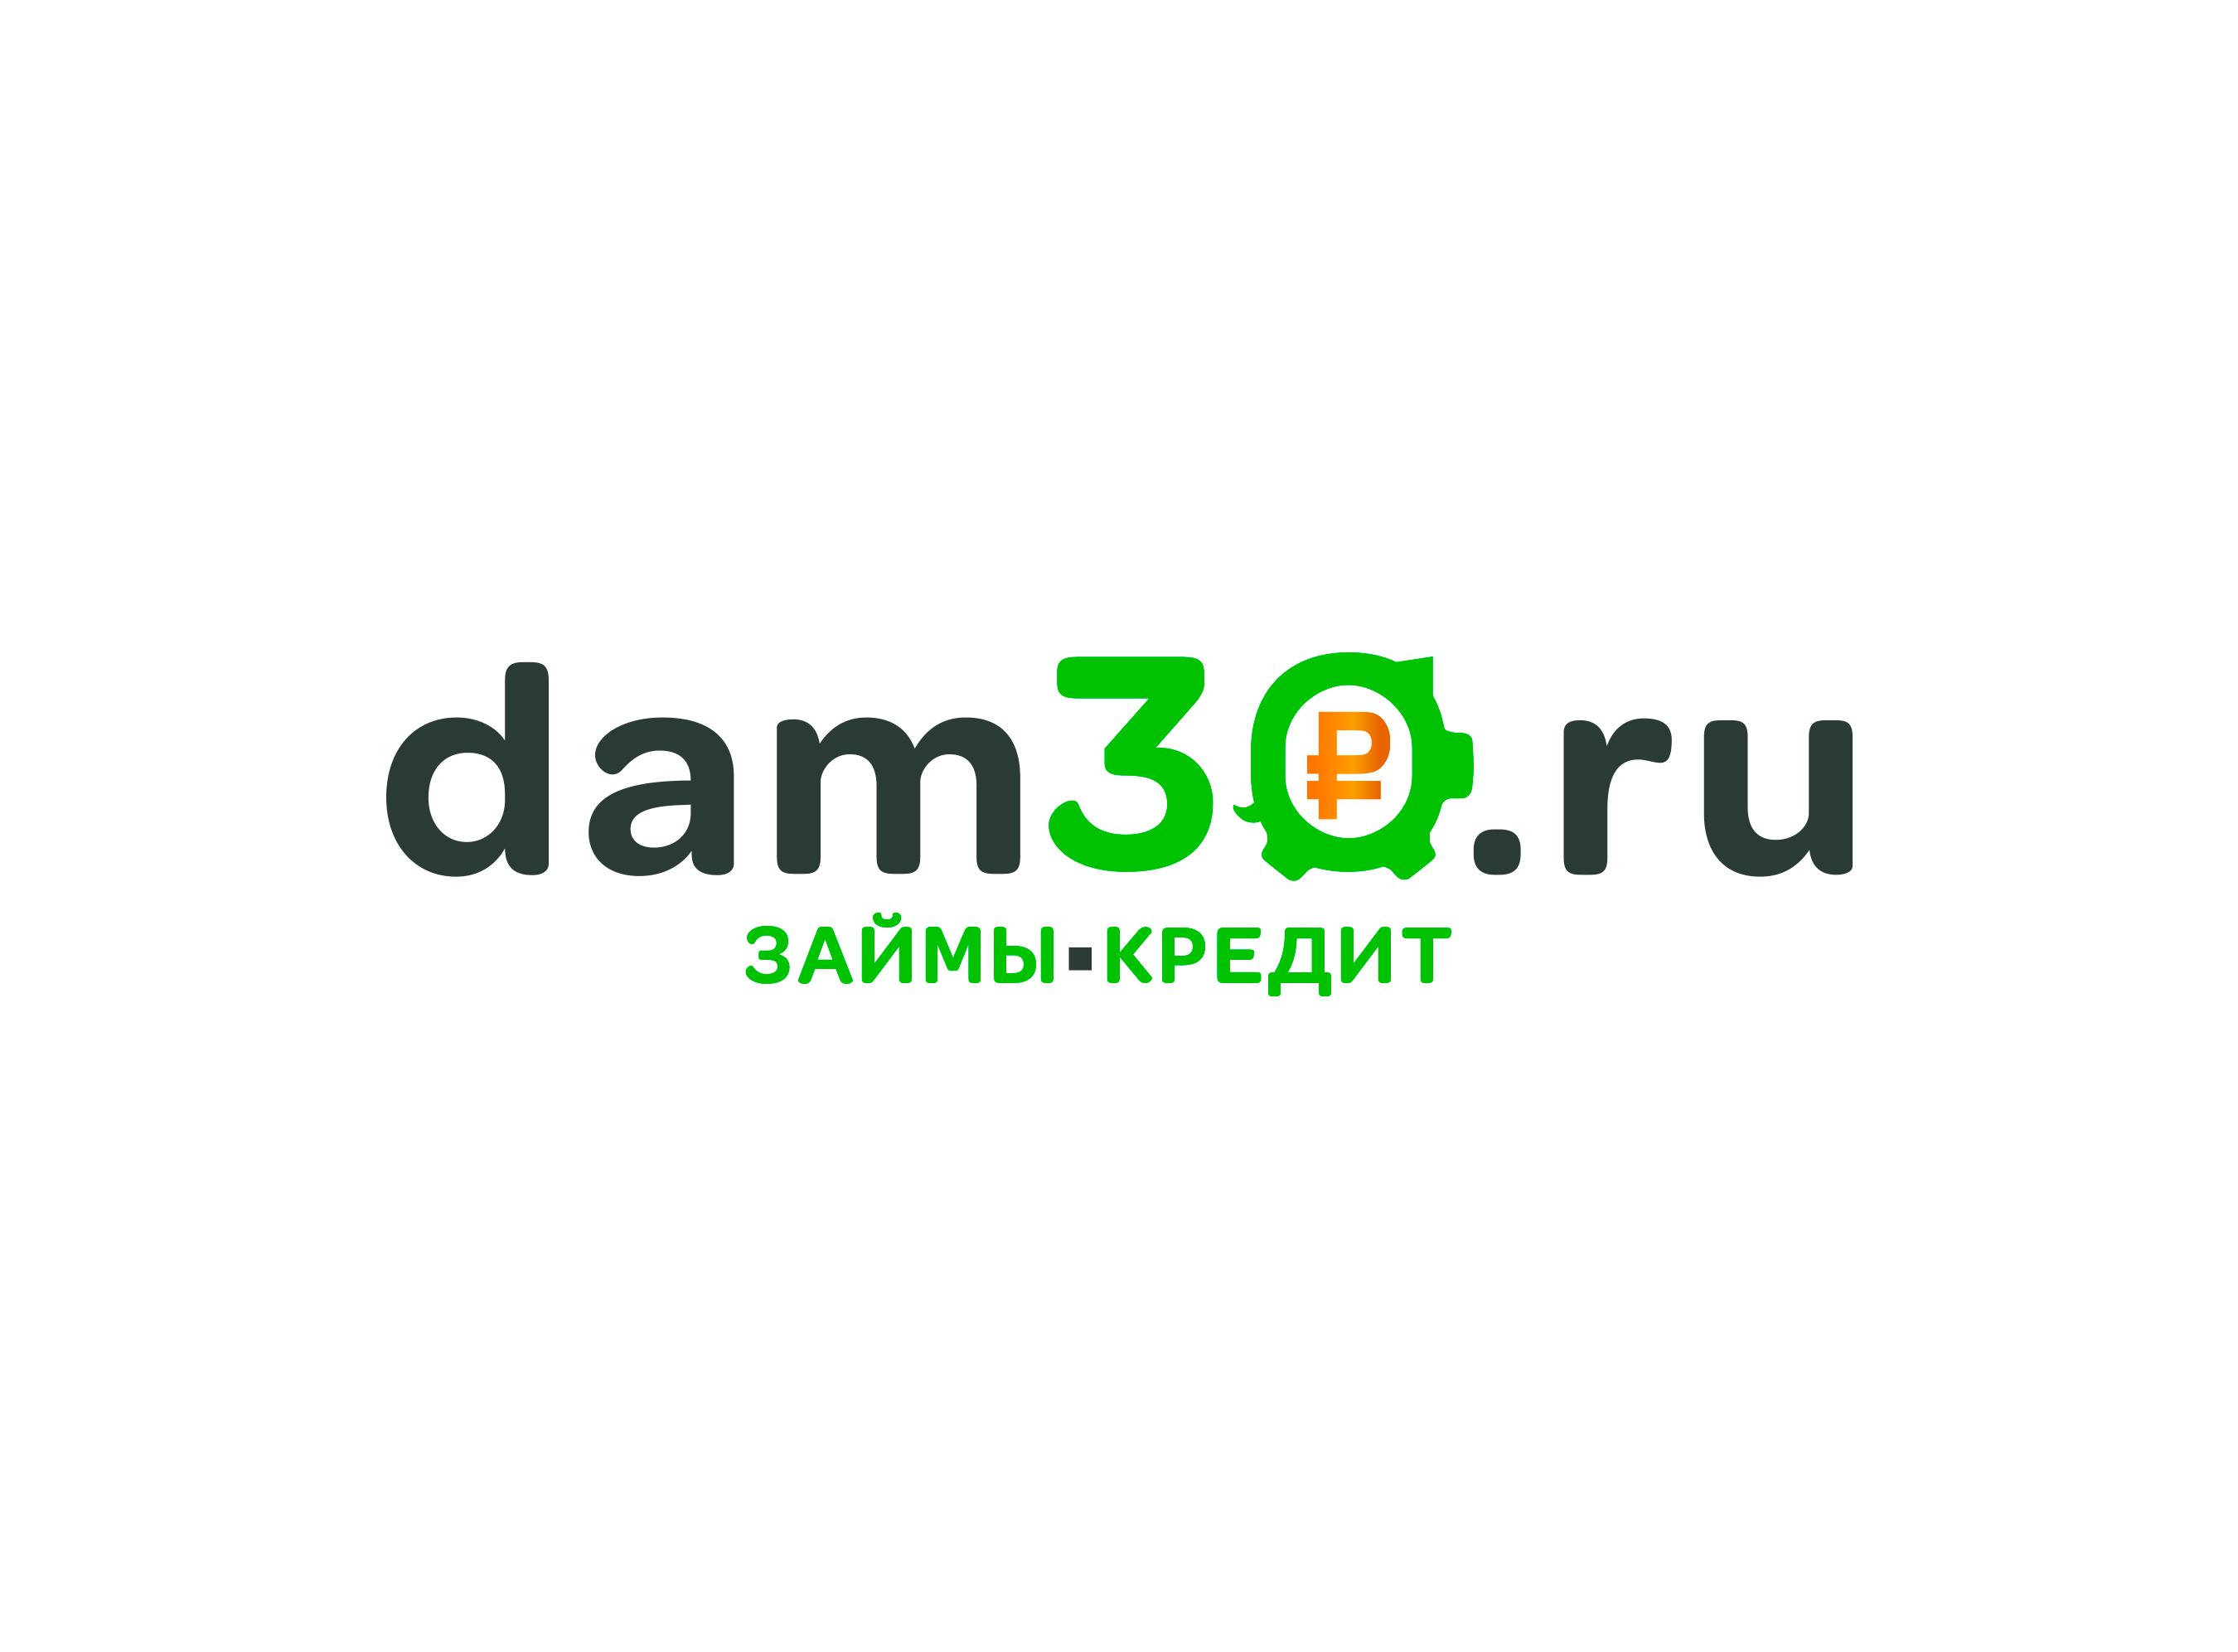 Логотип для микрокредитной, микрофинансовой компании фото f_9365a3395dd7a5da.jpg